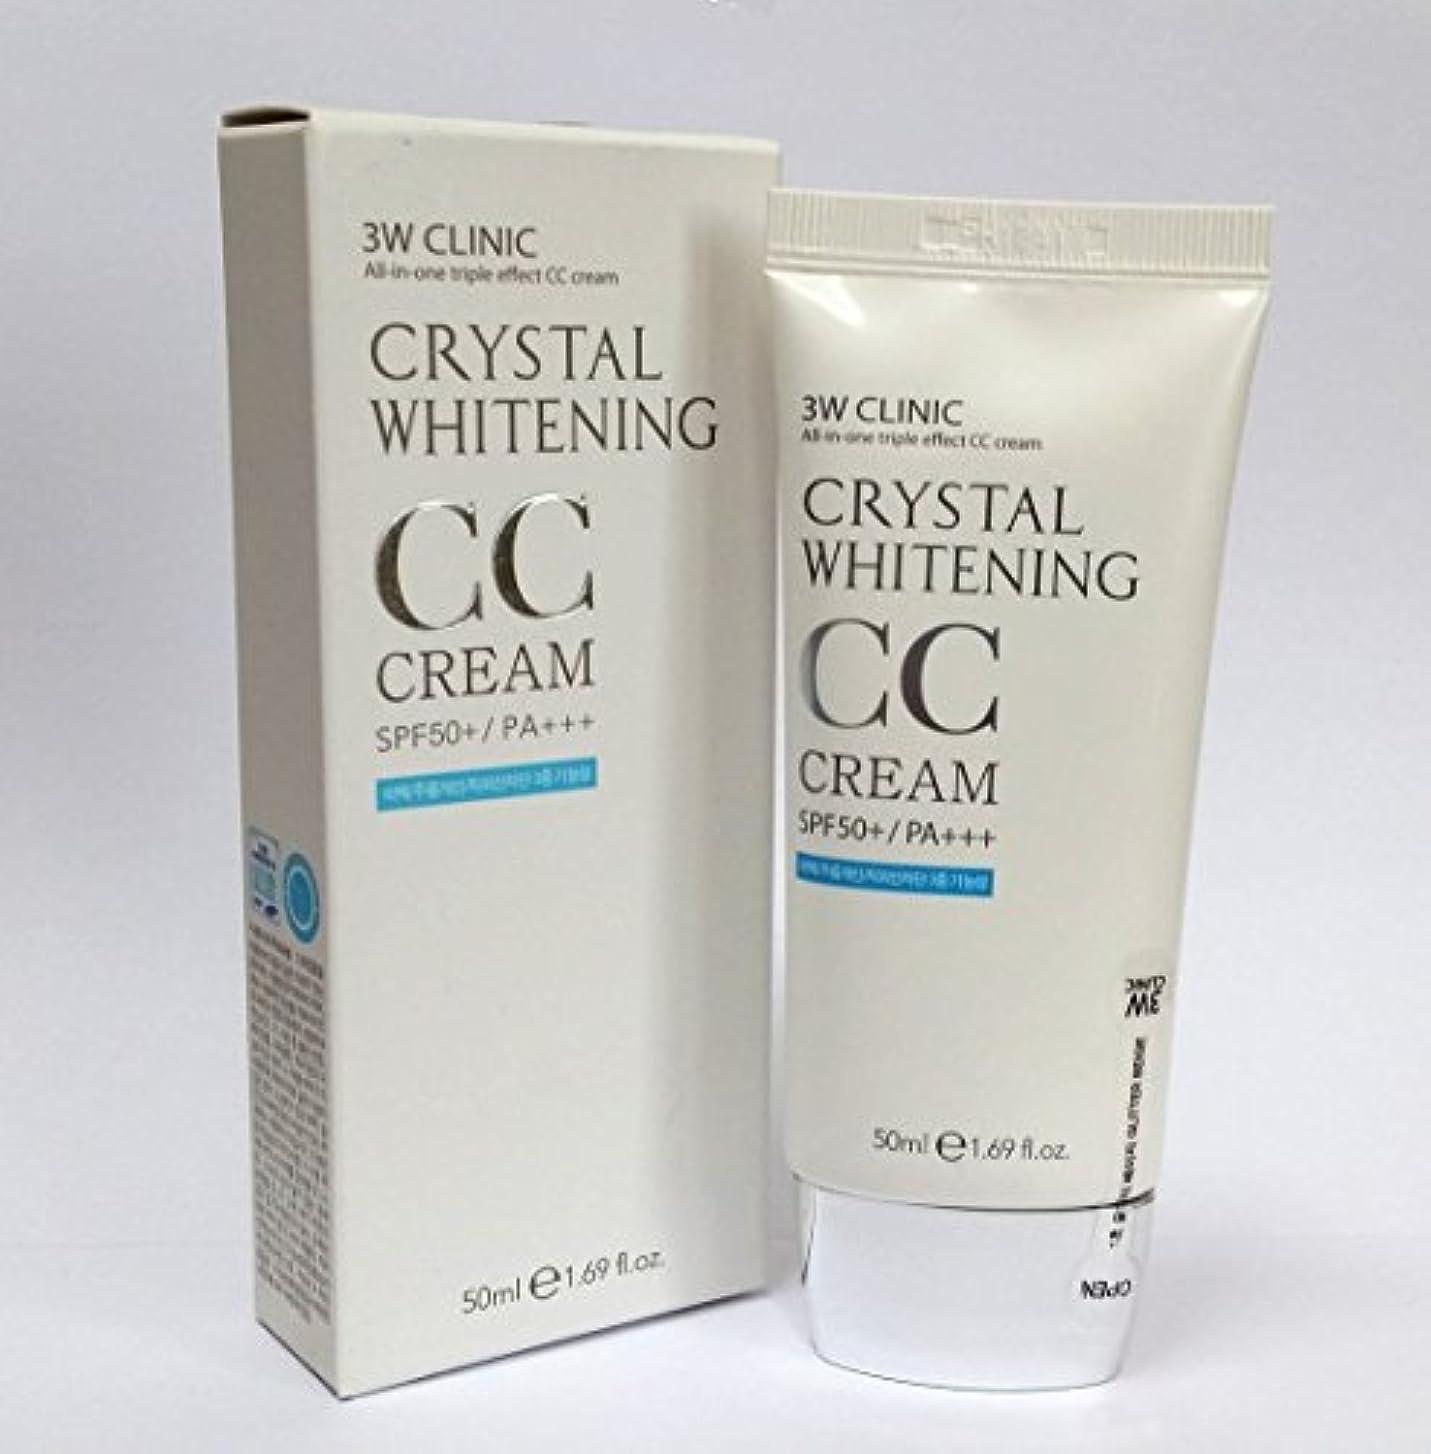 細胞行動同一性[3W CLINIC] クリスタルホワイトニングCCクリーム50ml SPF50 PA +++ / #02 Natural Beige / Crystal Whitening CC Cream 50ml SPF50 PA...